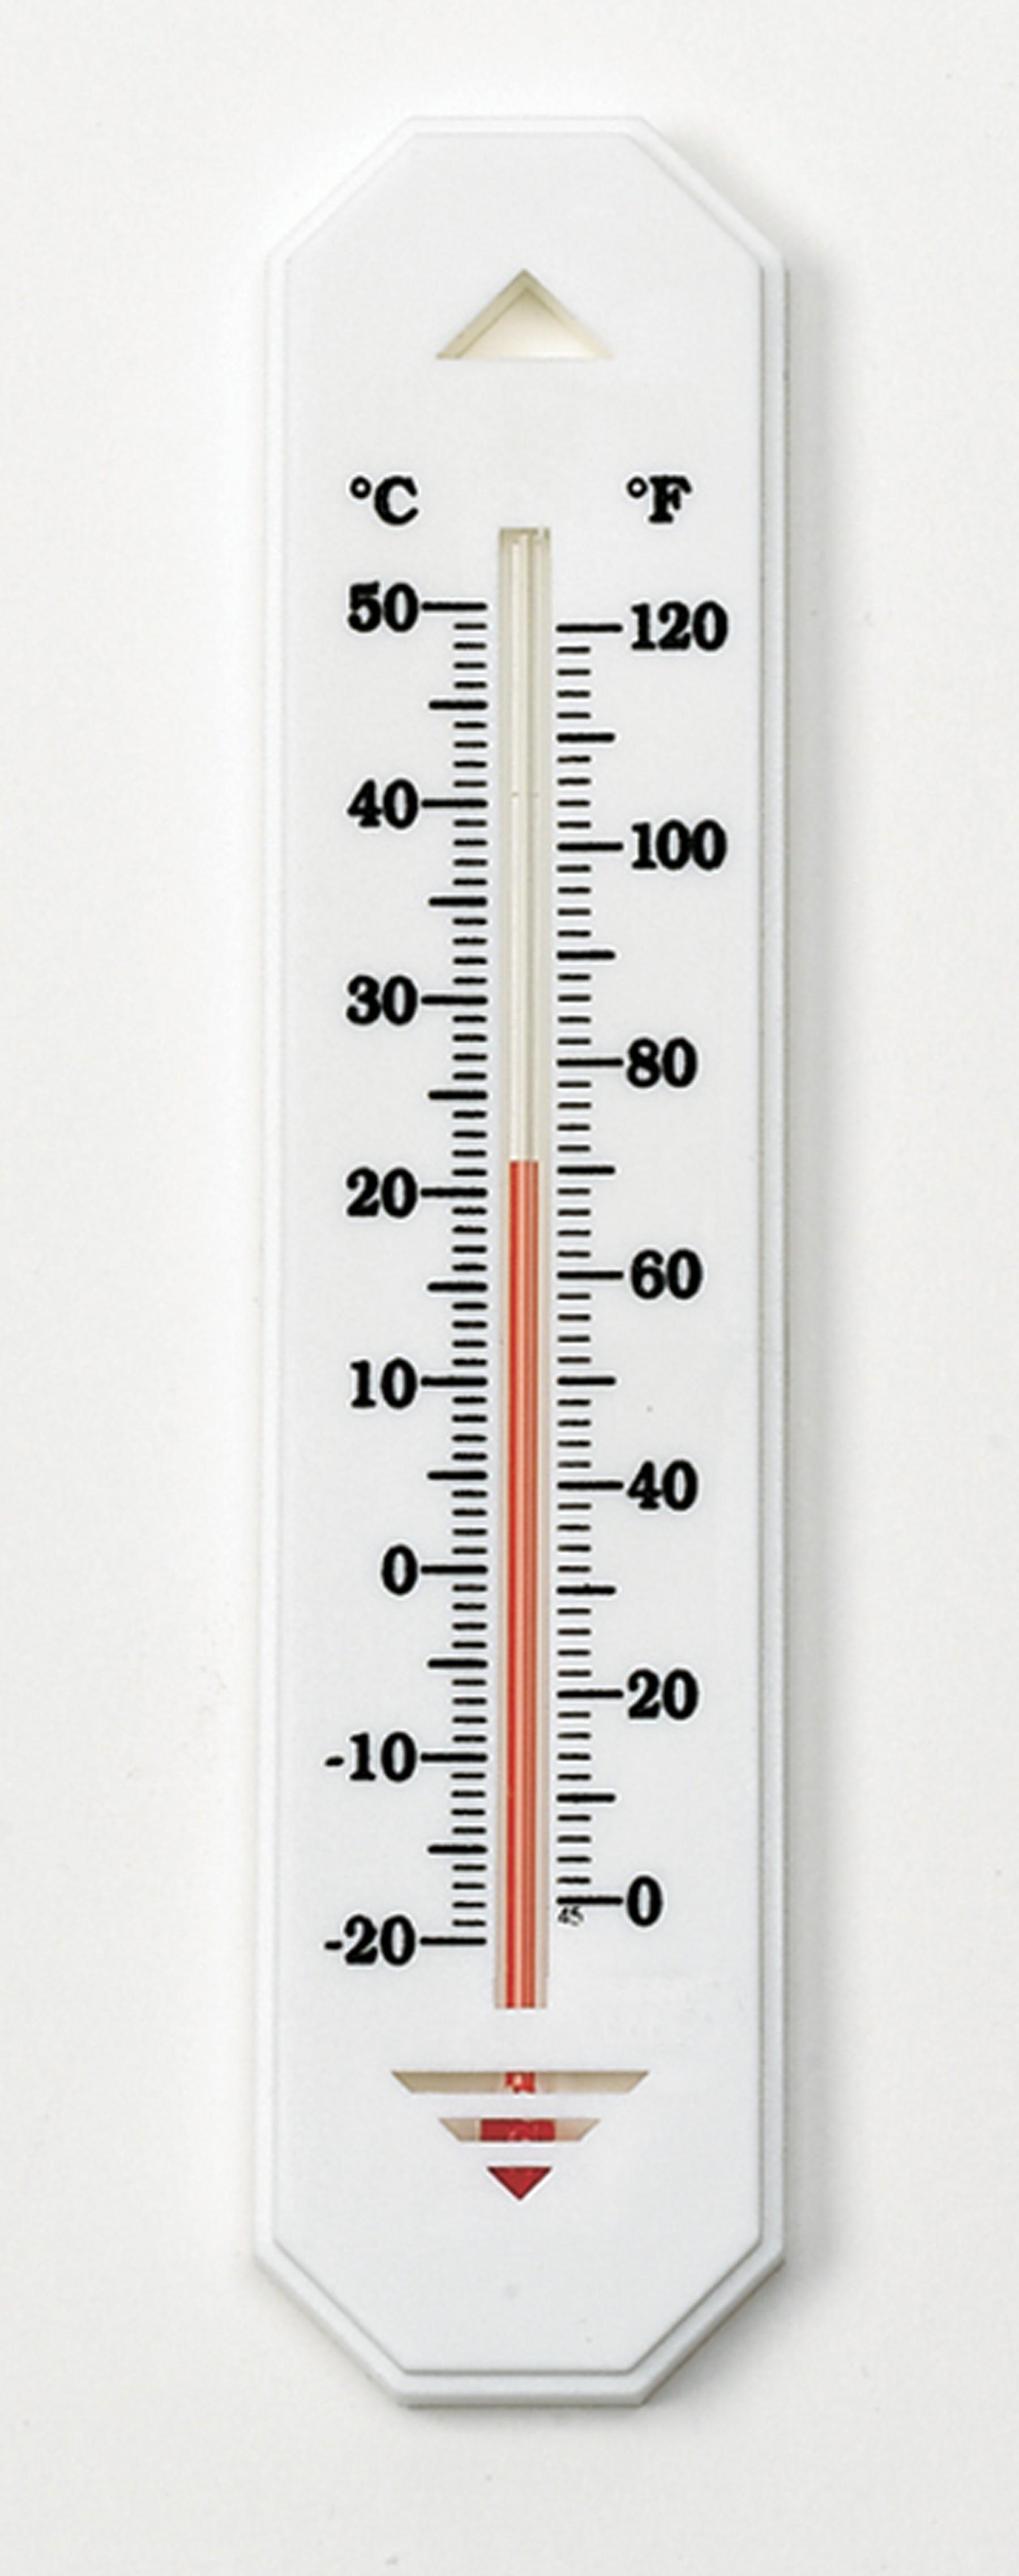 H-B DURAC Liquid-In-Glass Wall Thermometer; Organic Liquid Fill